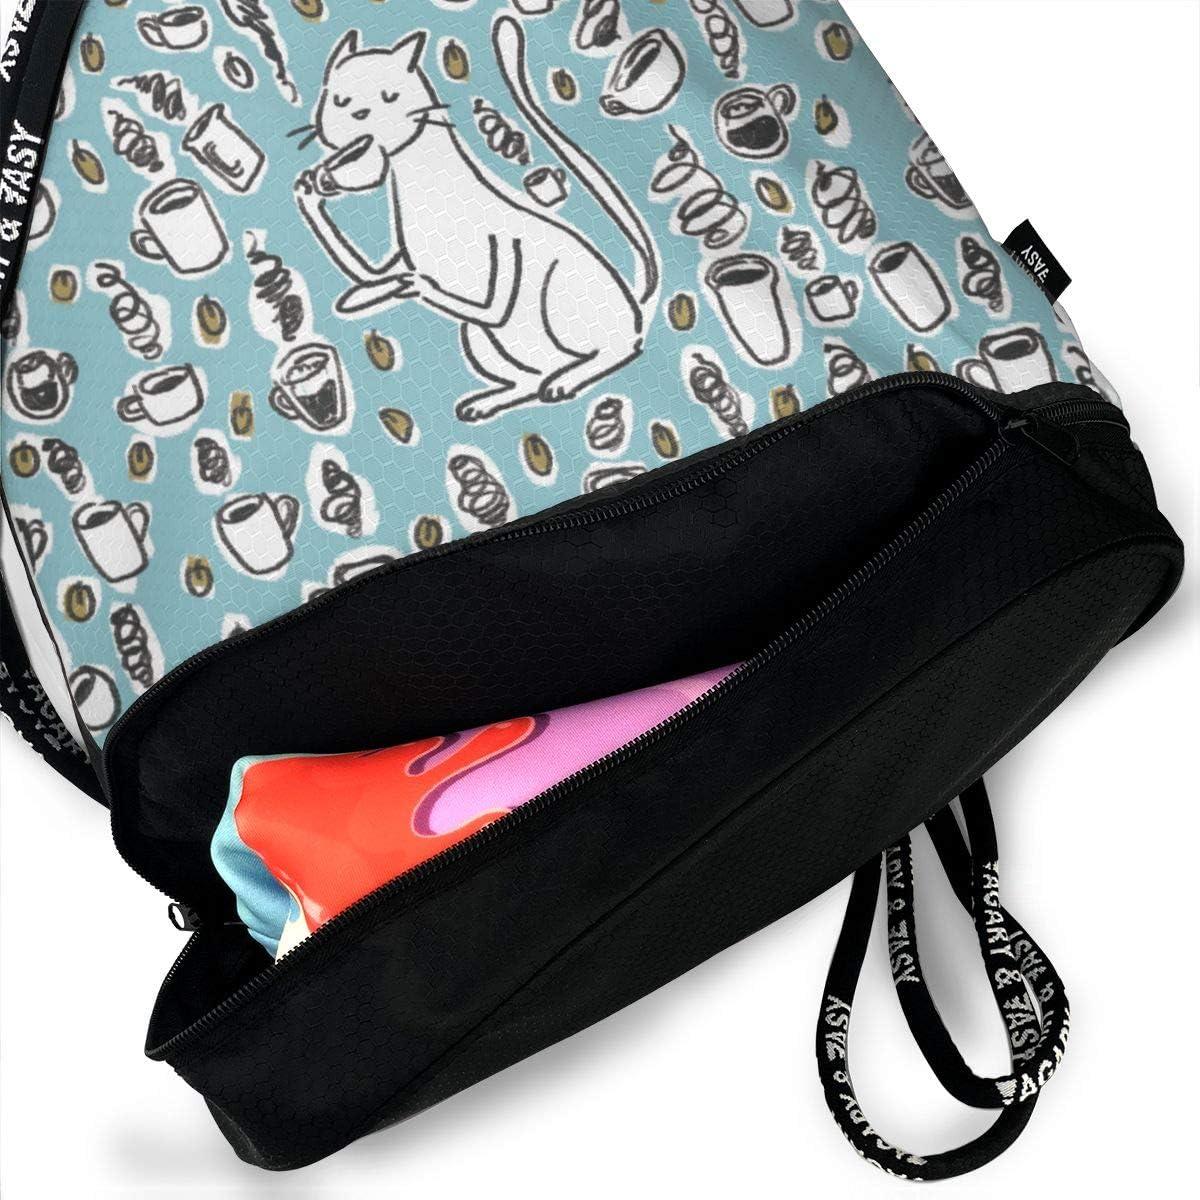 HUOPR5Q Vintage-Vector-Background Drawstring Backpack Sport Gym Sack Shoulder Bulk Bag Dance Bag for School Travel